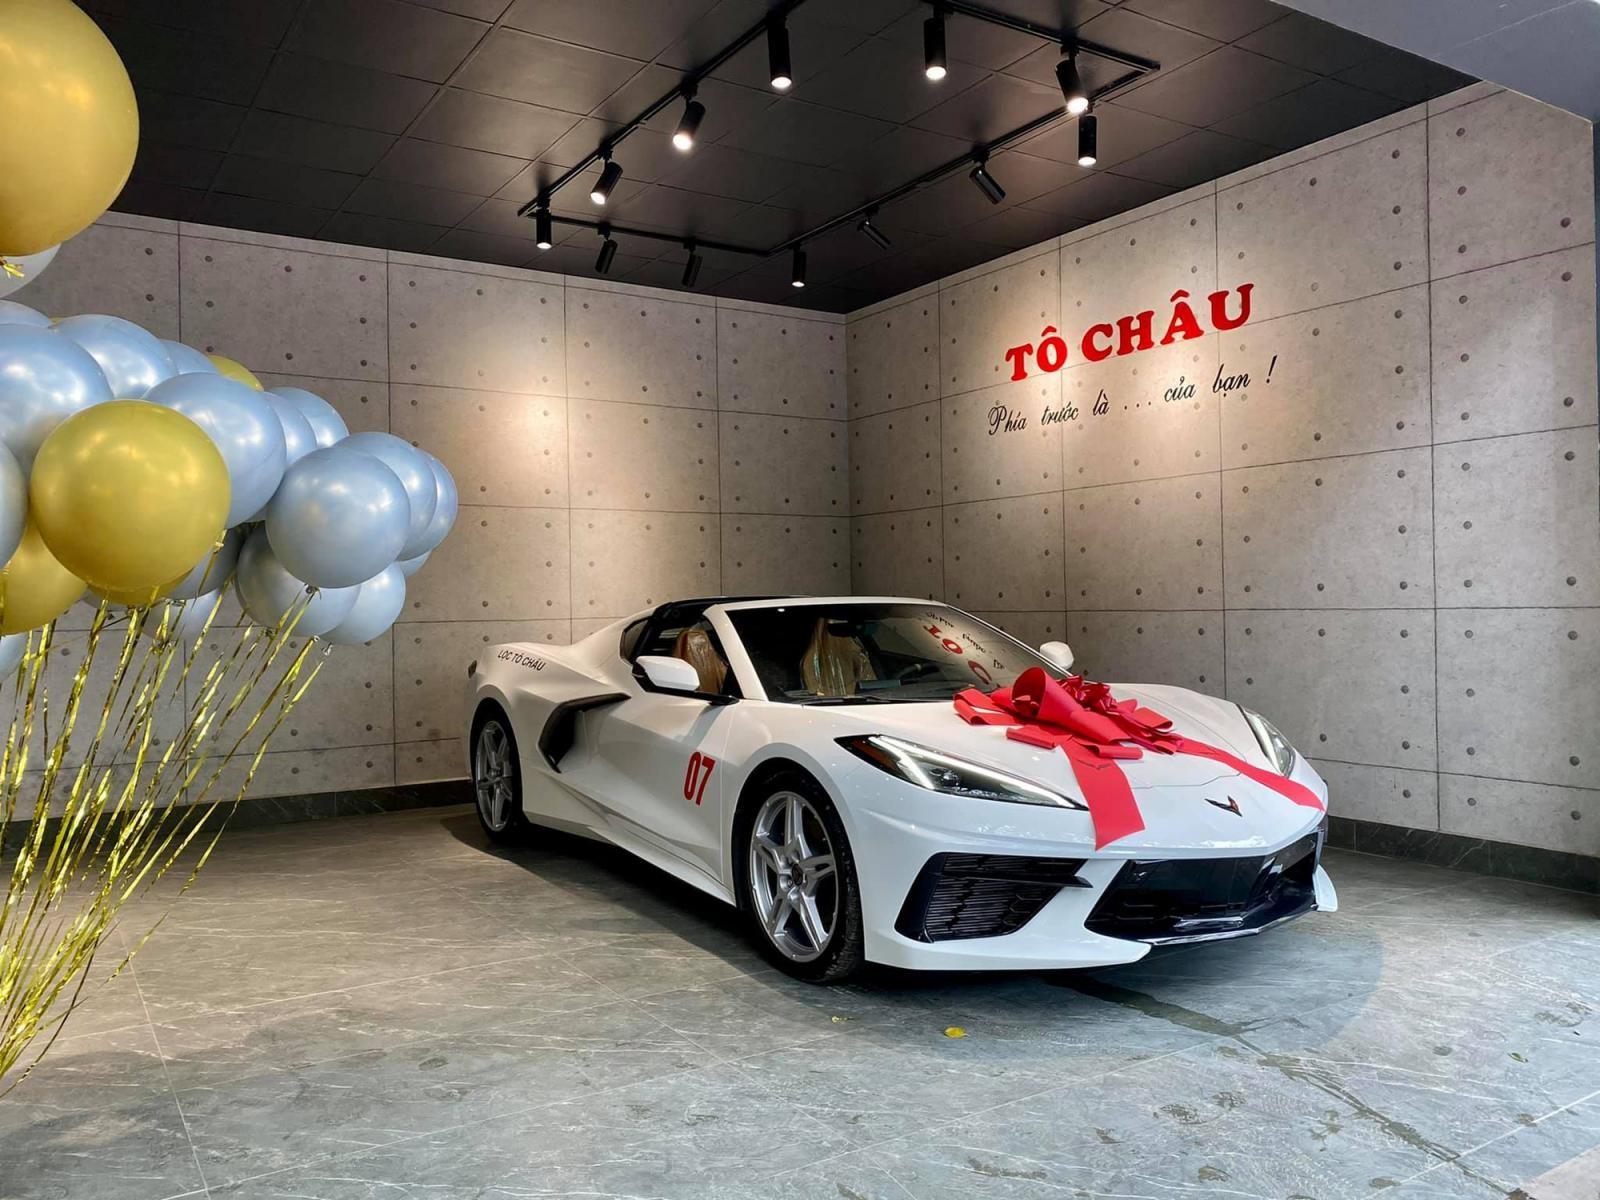 Trải nghiệm Chevrolet Corvette C8 Stingray đầu tiên tại Việt Nam cùng đại gia Cần Thơ.